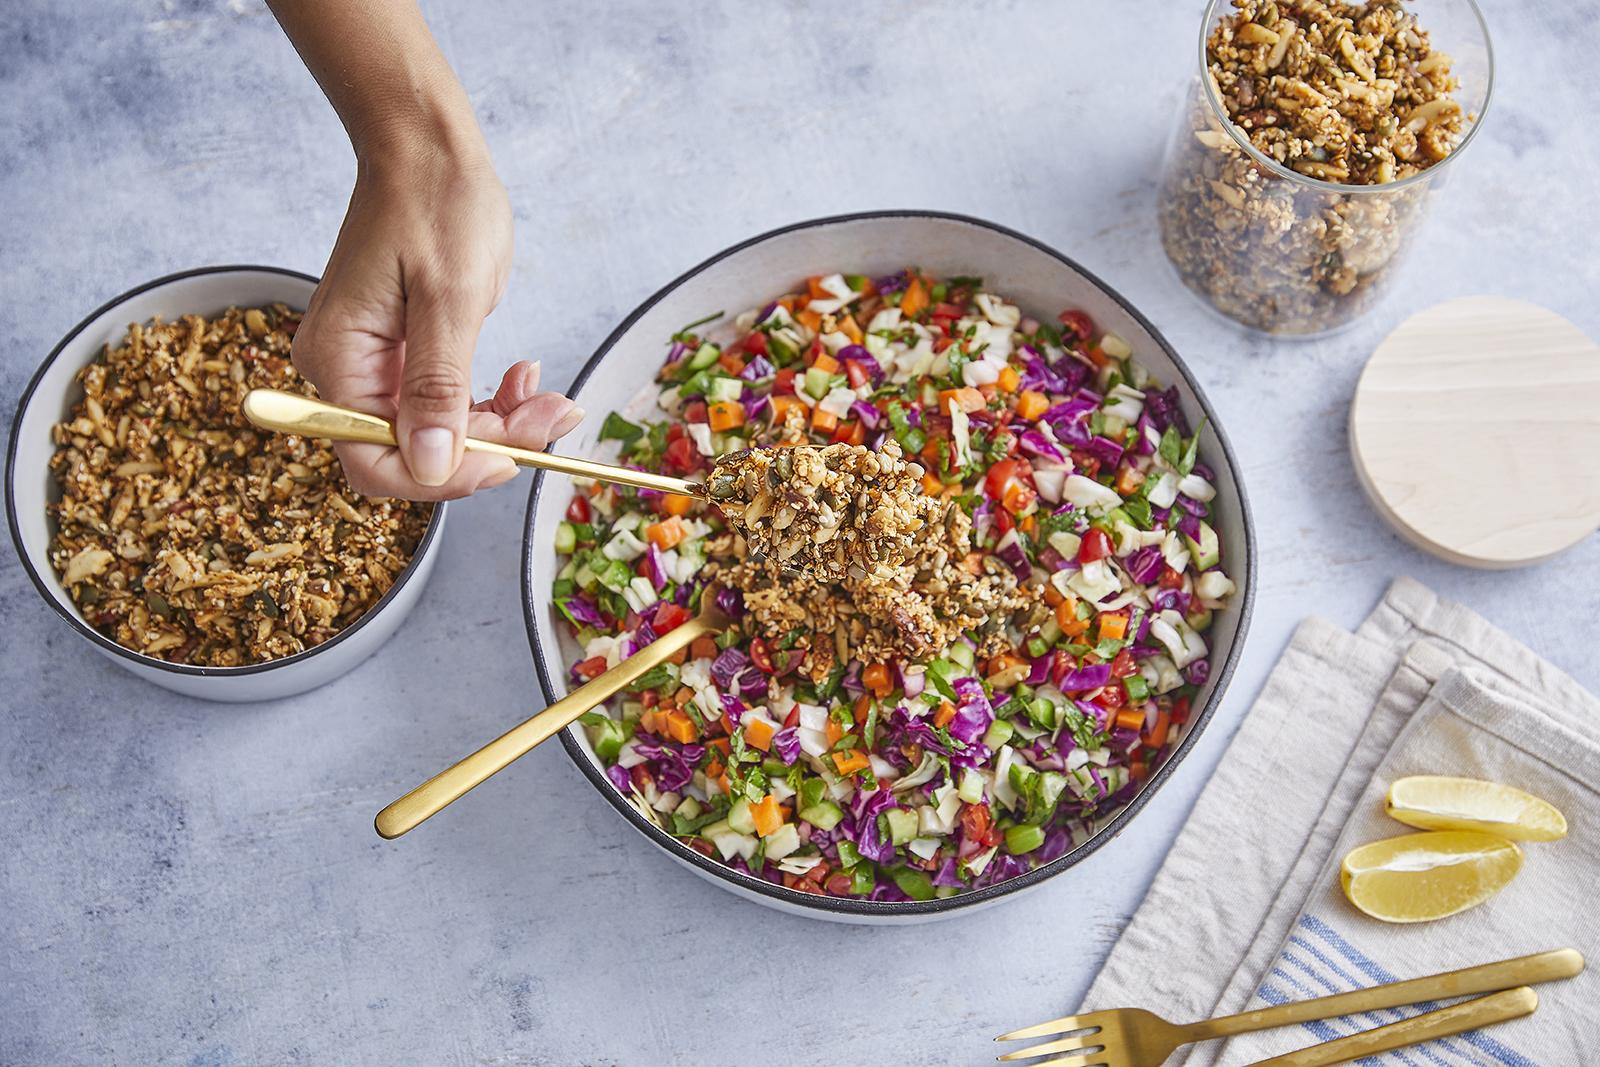 שלב חמישי - סלט ירקות עם גרנולה מלוחה מושלמת של קרוטית